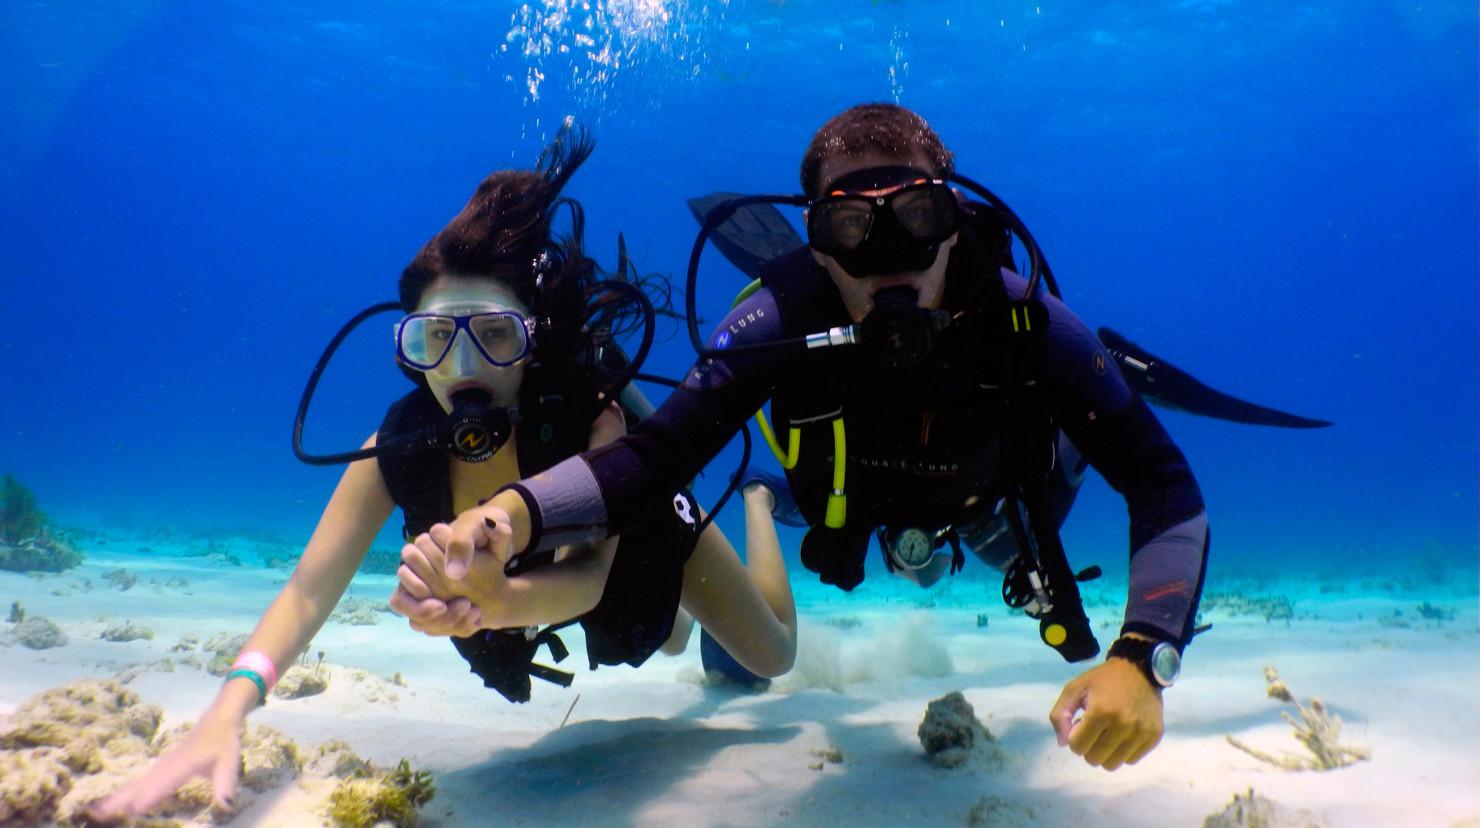 Дайвинг туры в Доминикане